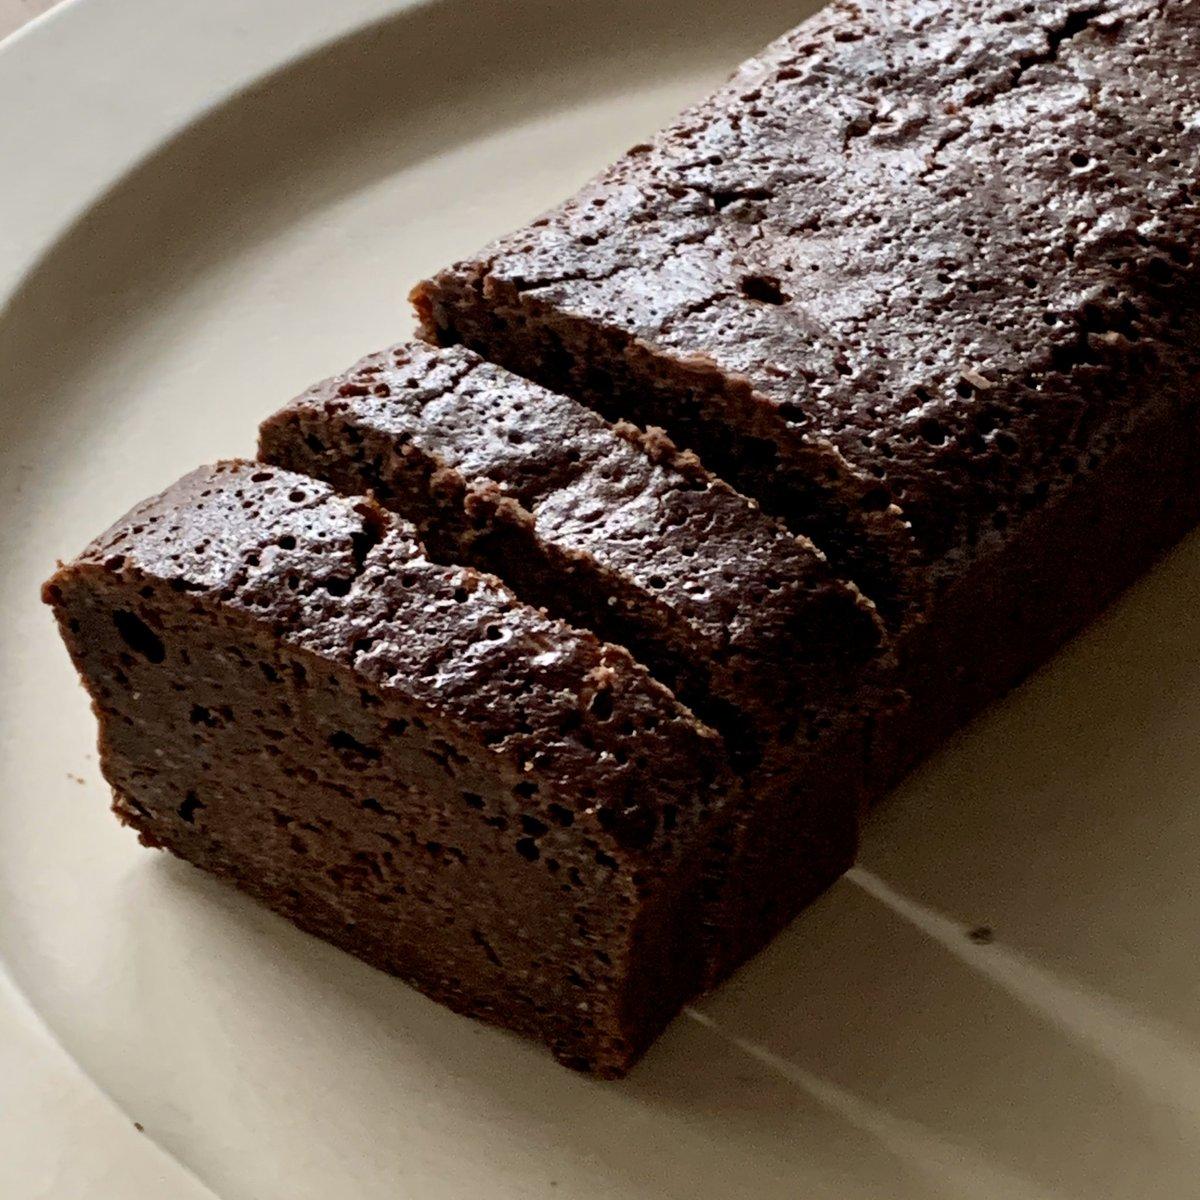 チョコレートブラウニー作ったー🍫2日遅れのバレンタイン!簡単なのにとってもおいしい🤤焼けたばっかりの時は結構ぐちゃぐちゃで心配になるけど、冷めると固まるから焼き過ぎ注意!